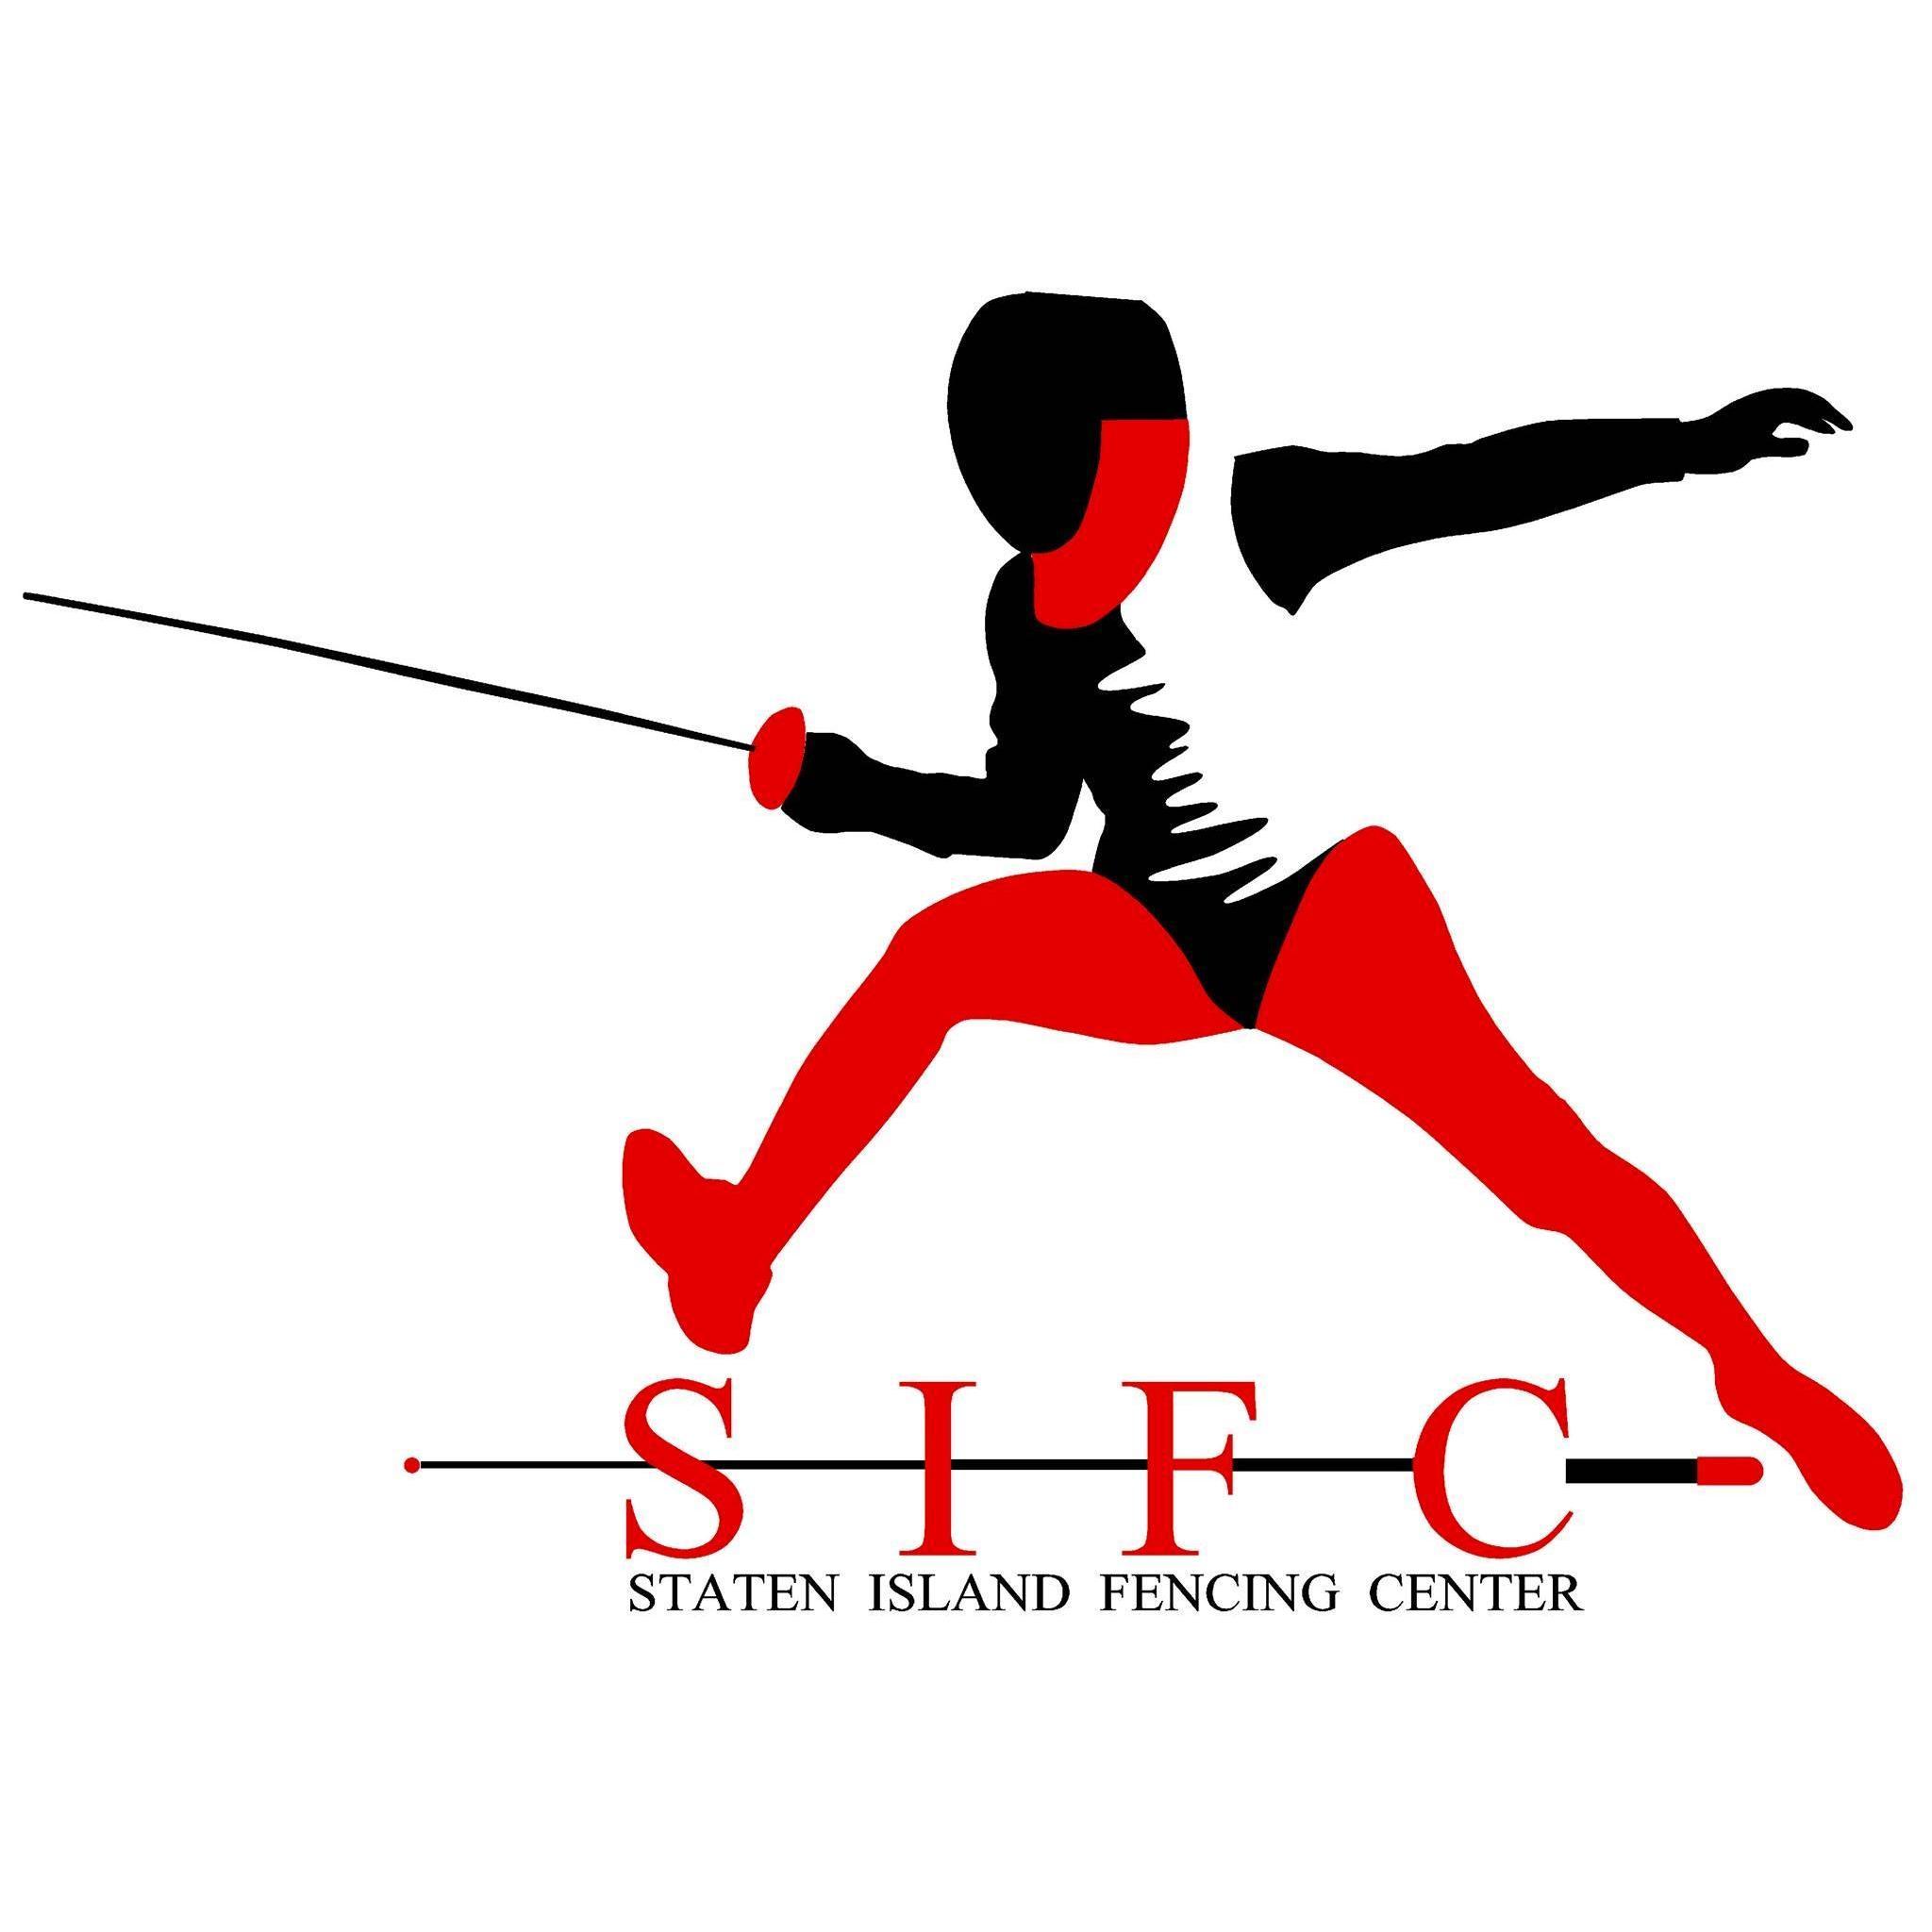 Staten Island Fencing Center